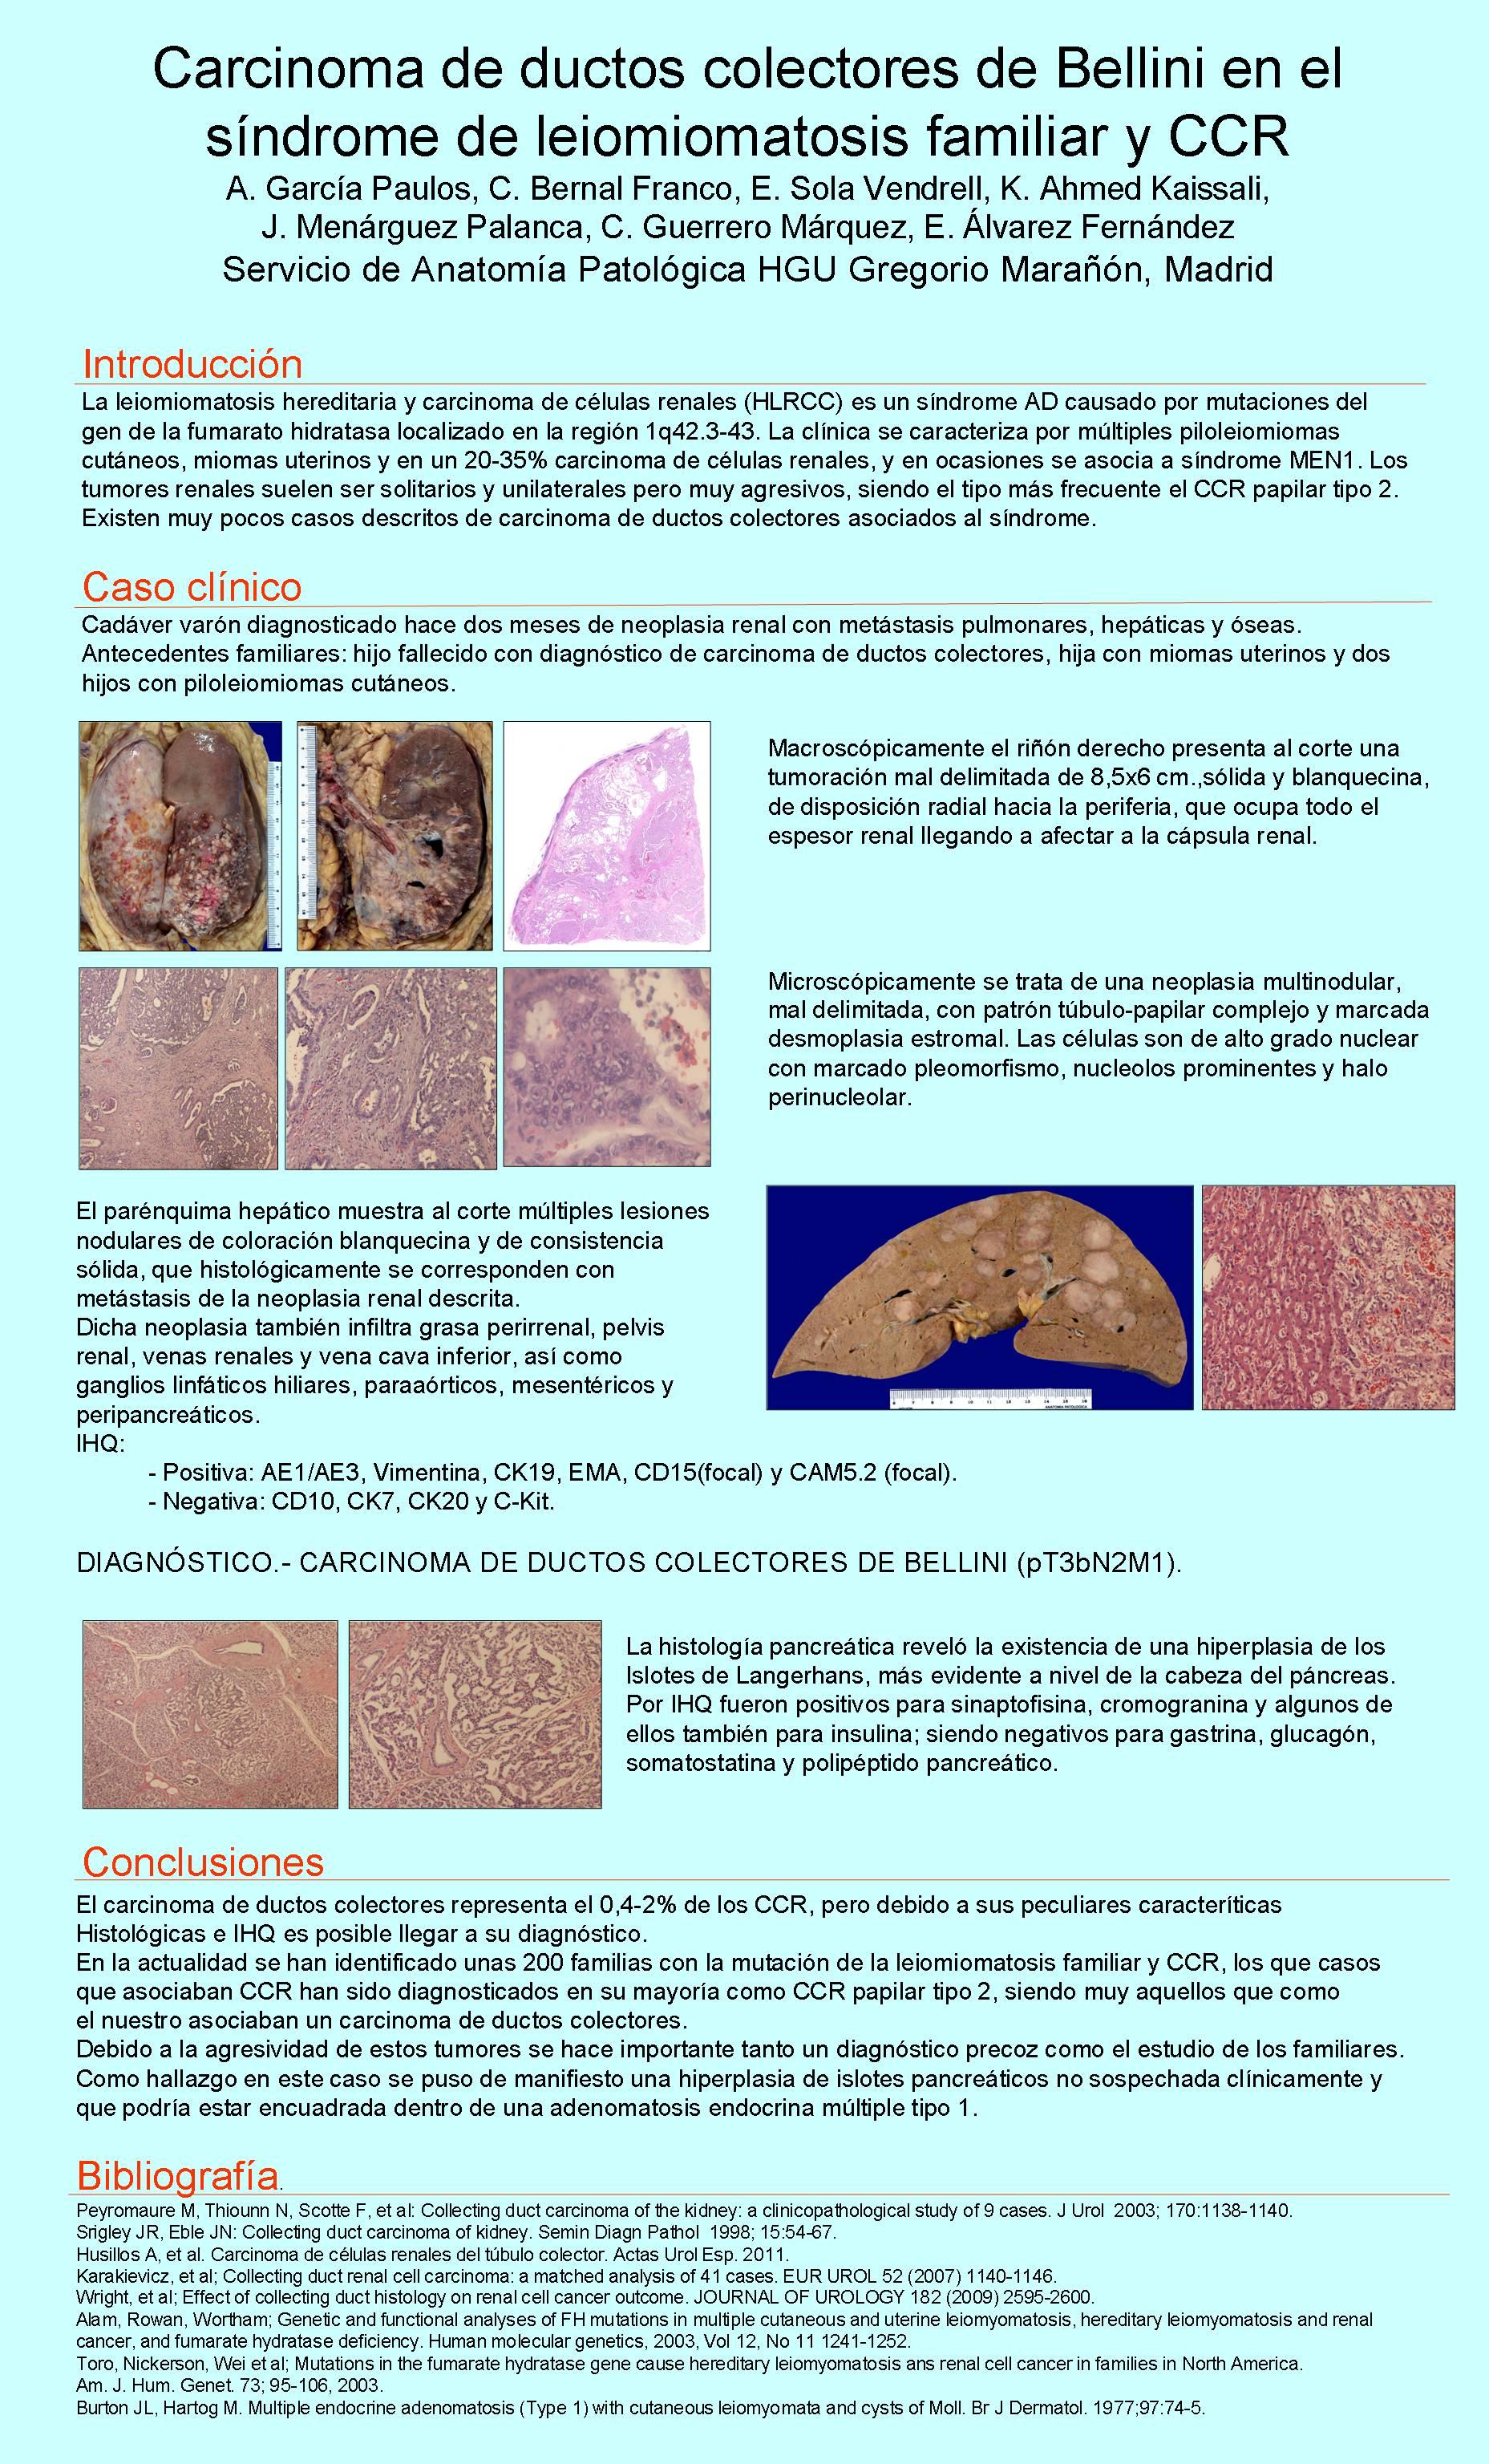 PosterXXXVSEAP010 - Carcinoma de ductos colectores de Bellini en el síndrome de leiomiomatosis hereditaria y CCR.